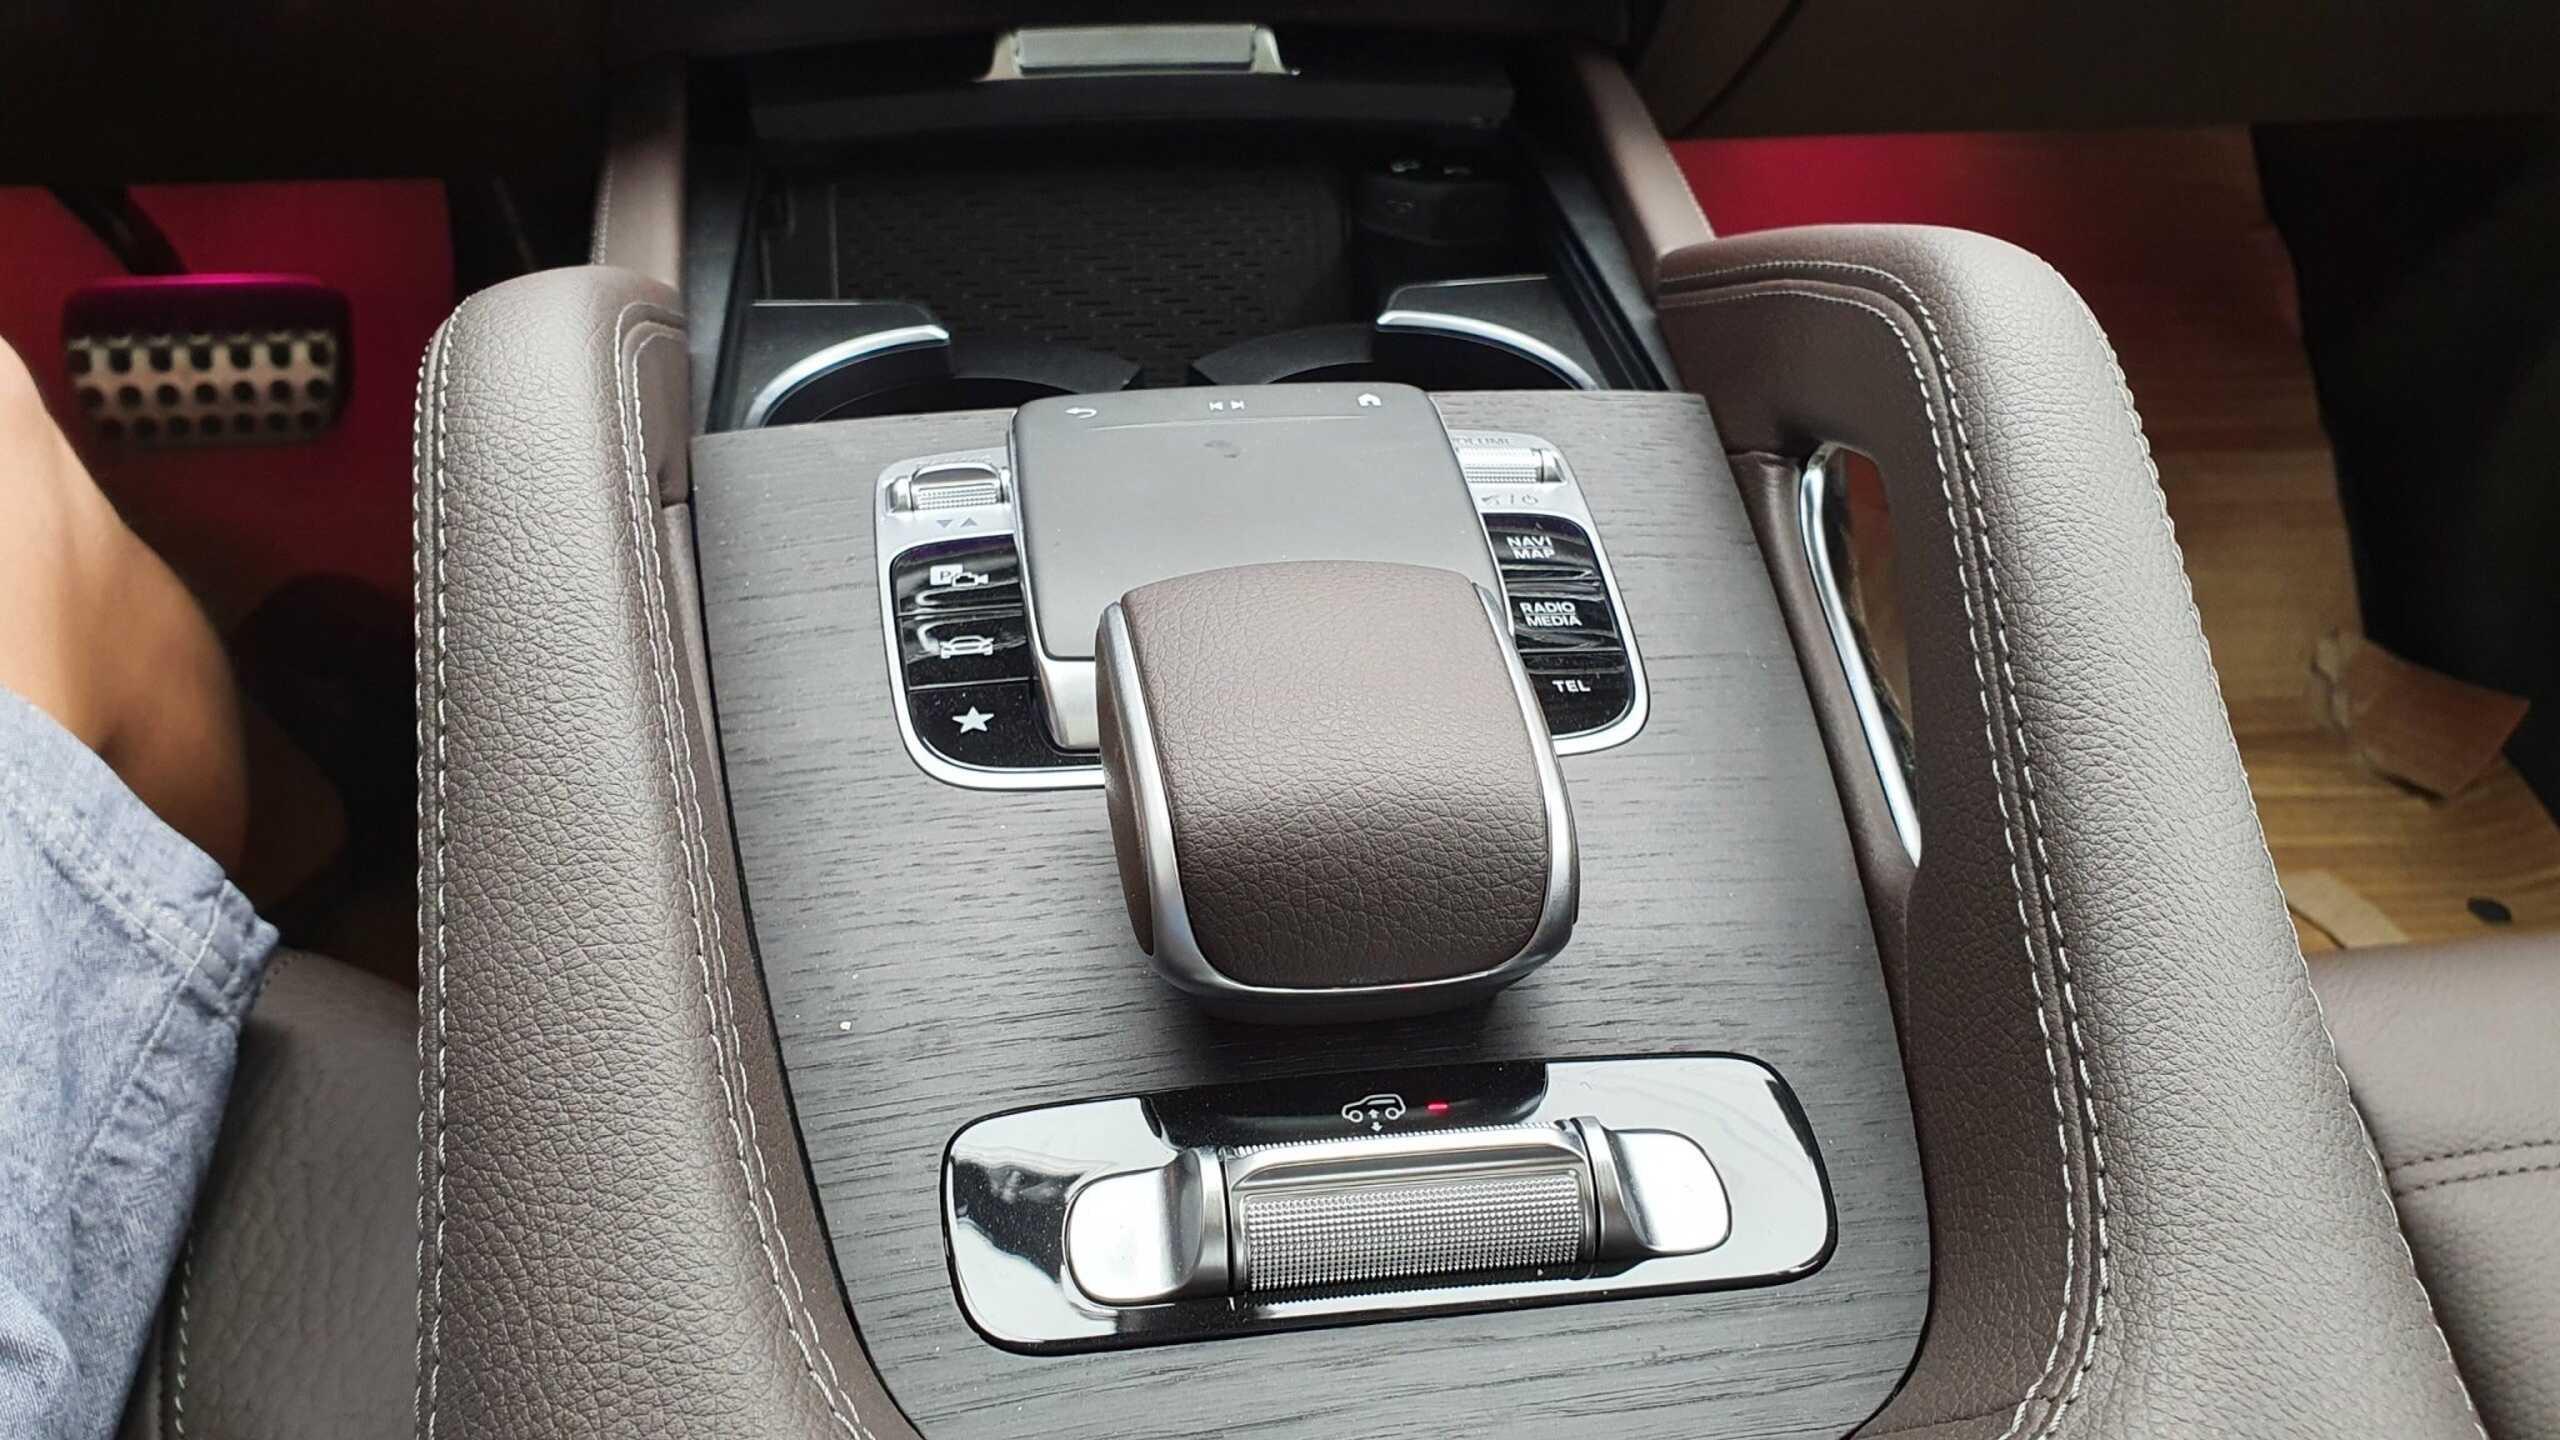 Mercedes GLS 450 4Matic 2022 Mercedes Vietnam (1)